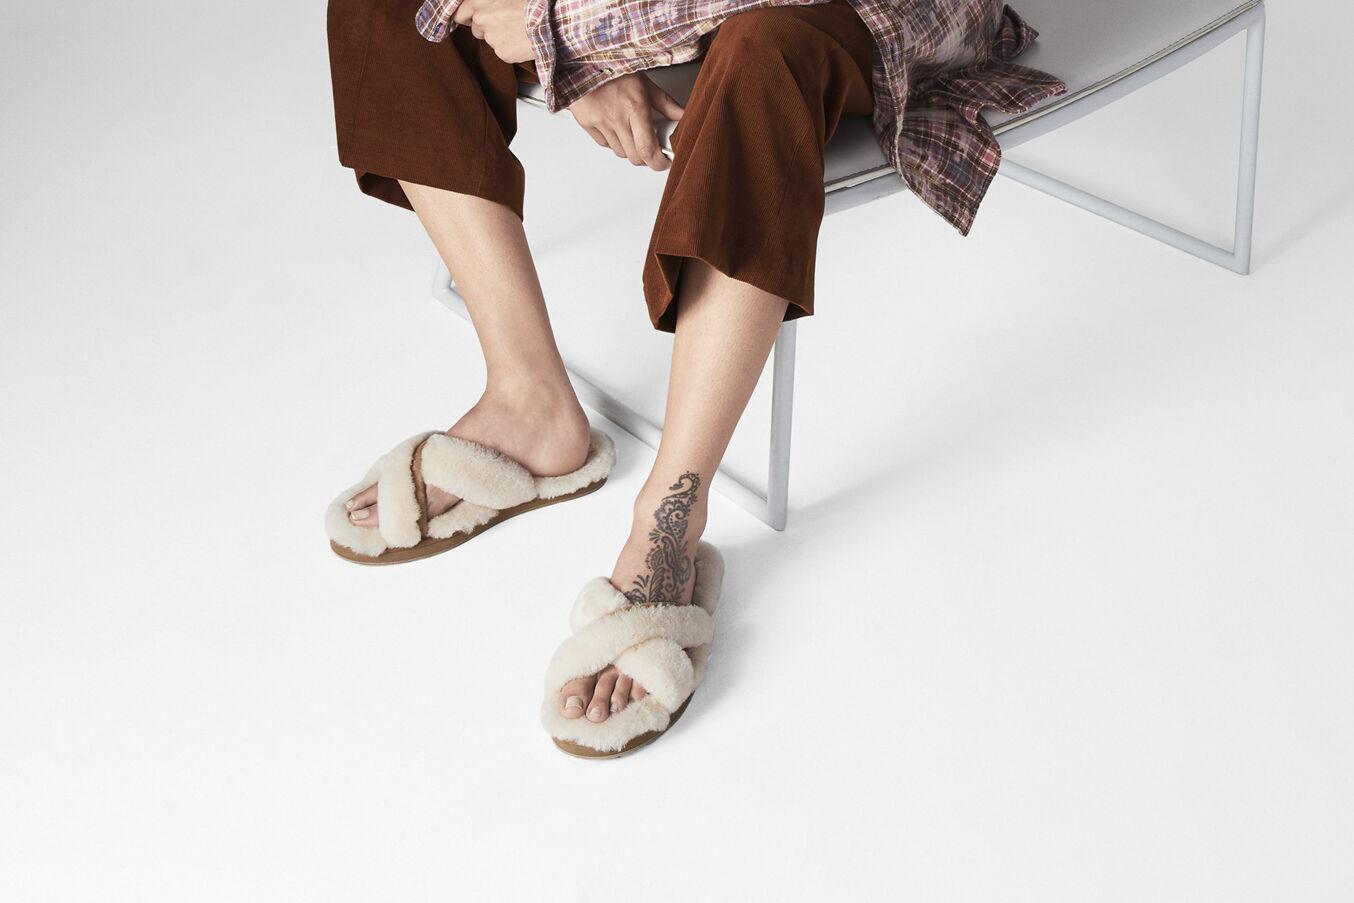 ugg femme nu pied